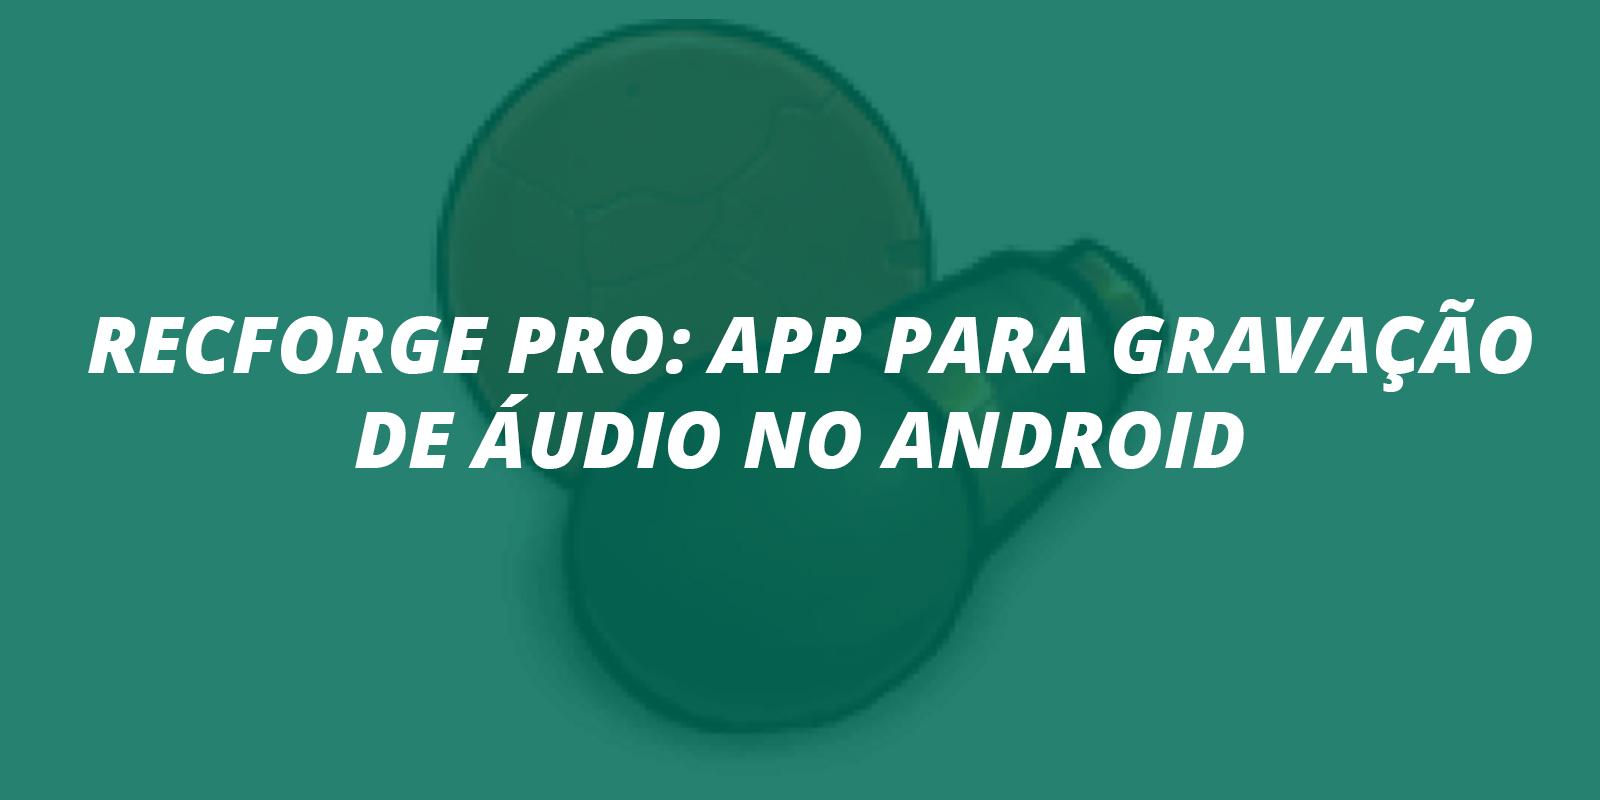 RecForge Pro: app para gravação de áudio no Android